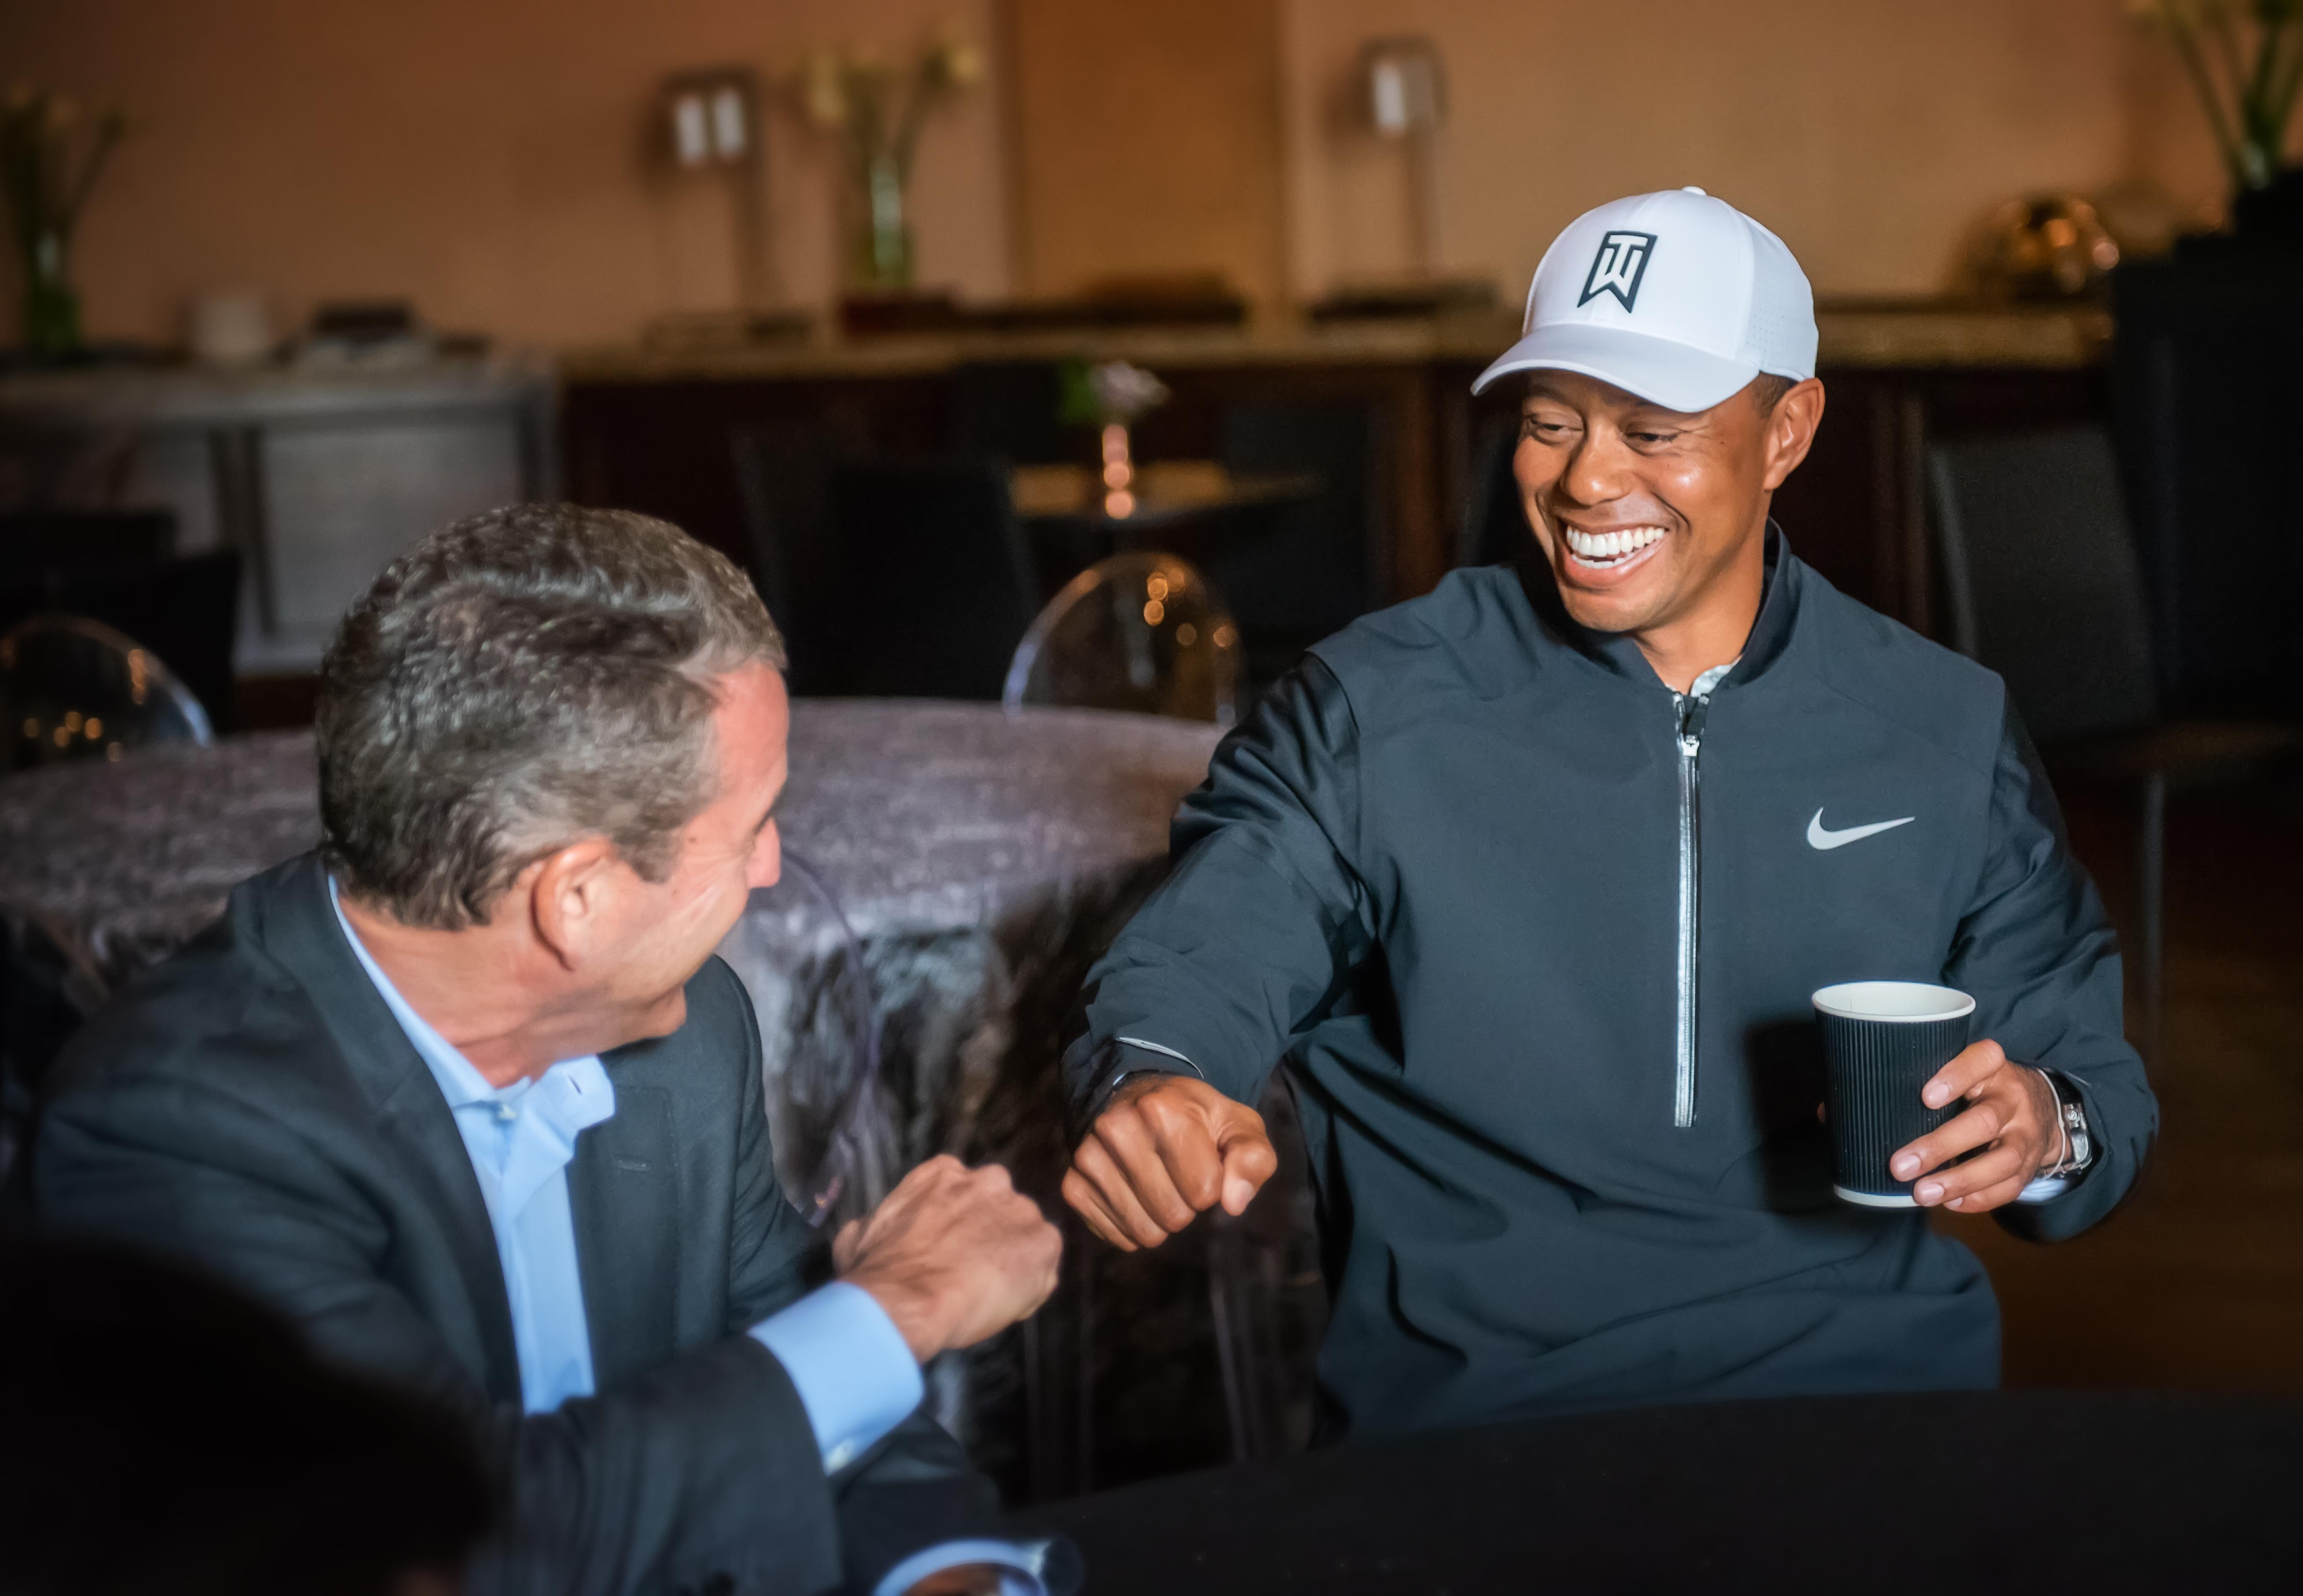 Doug Kimmelman, presidente de la Kimmelman Family Foundation y el campeón de tenis, Tiger Woods. Foto: Jay Andino.